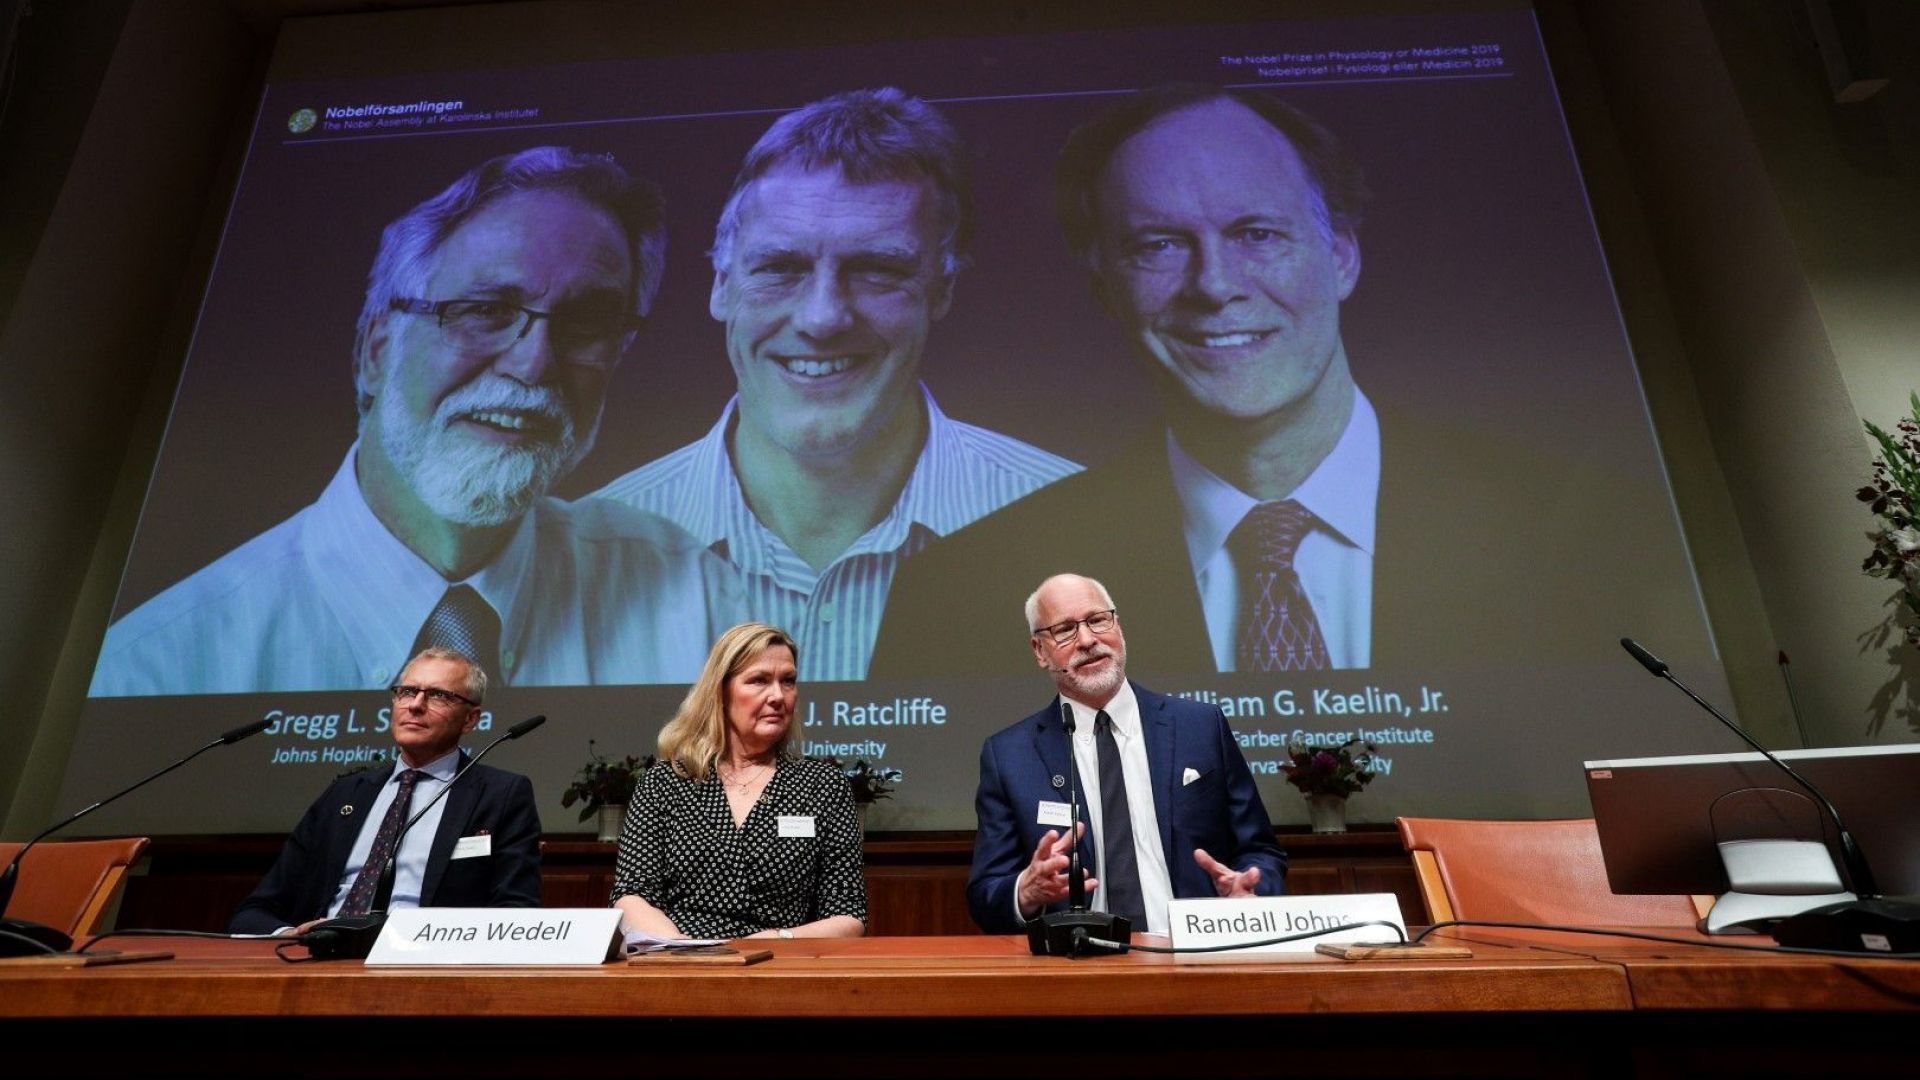 Трима взимат Нобеловата награда за физиология или медицина: разкрили един от най-важните процеси на живота